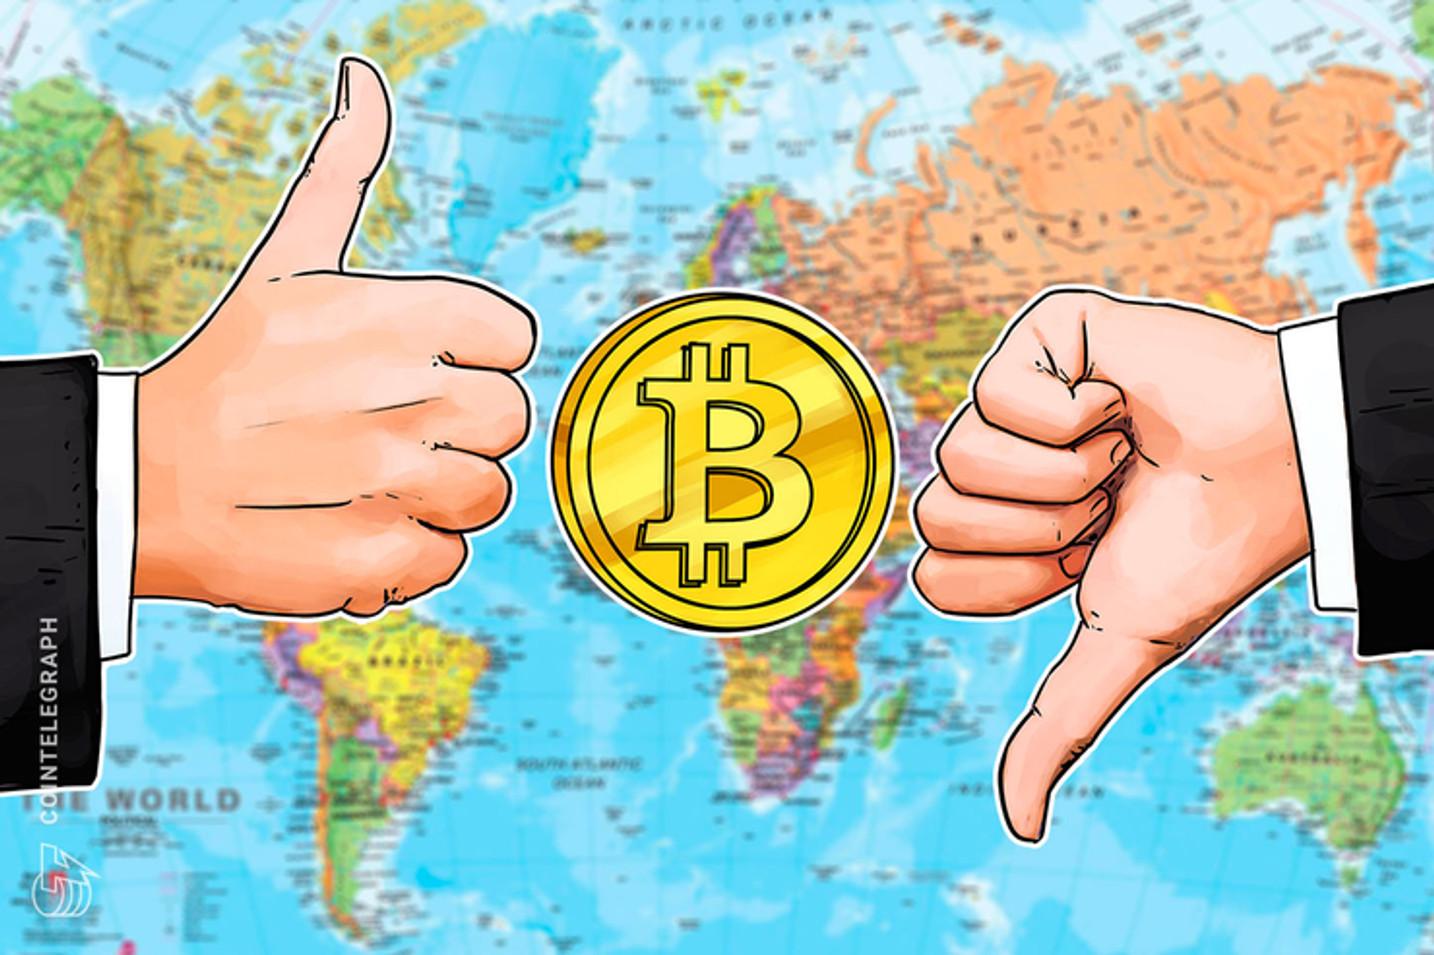 'Whales' podem não ter causado queda de preço do Bitcoin no fim de agosto, de acordo com estudo da CoinMetrics